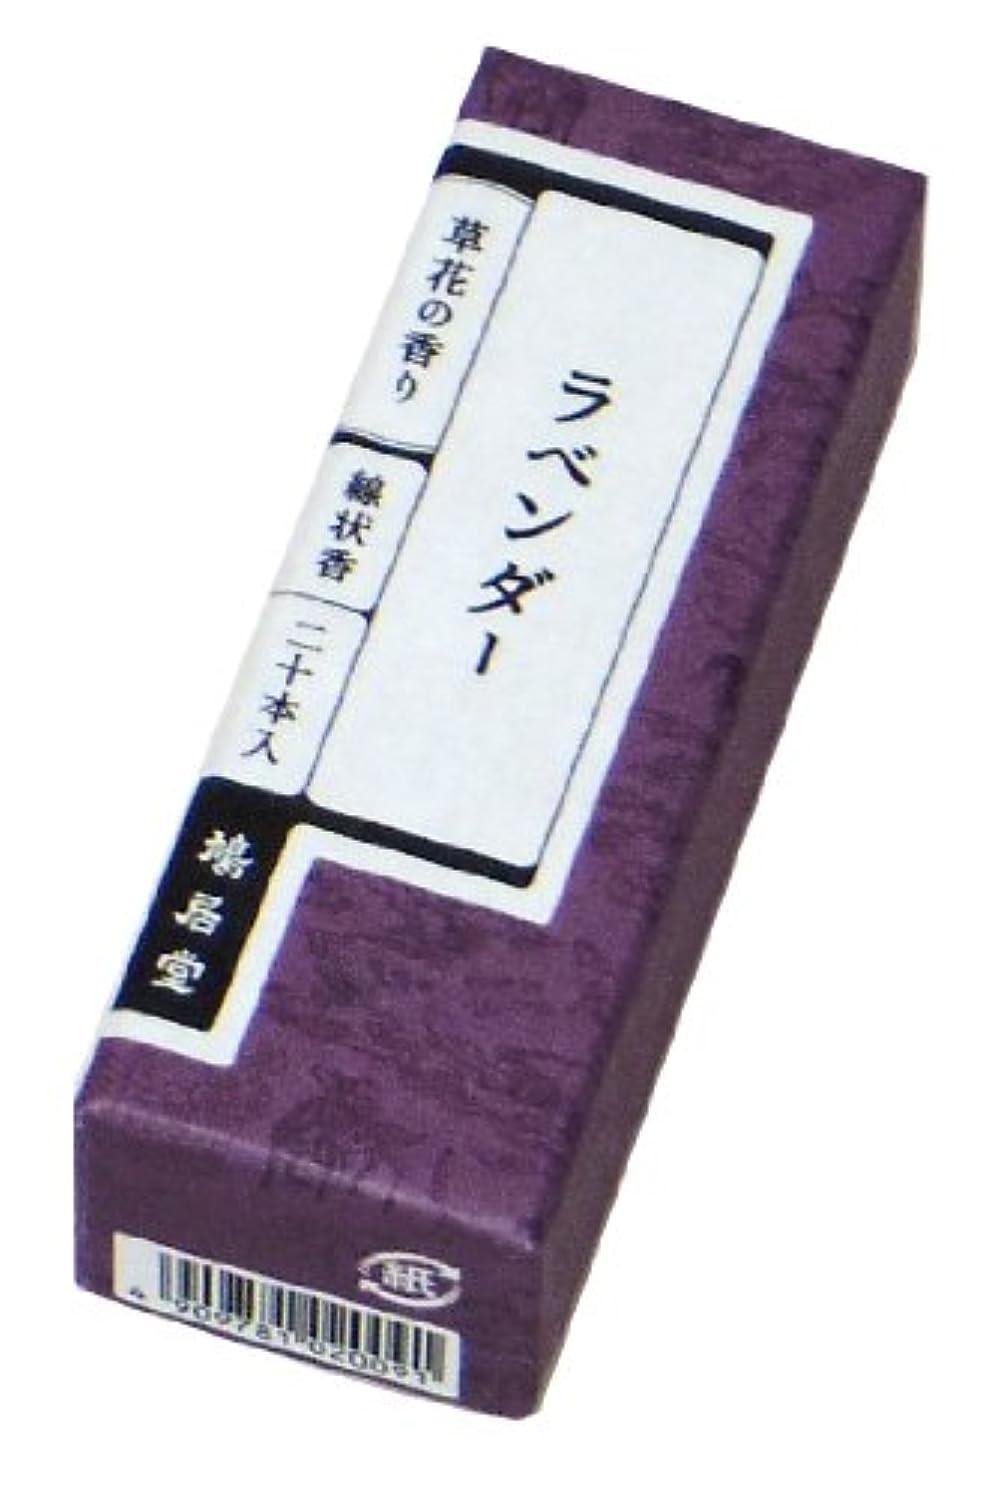 カビ否認するくぼみ鳩居堂のお香 草花の香り ラベンダー 20本入 6cm